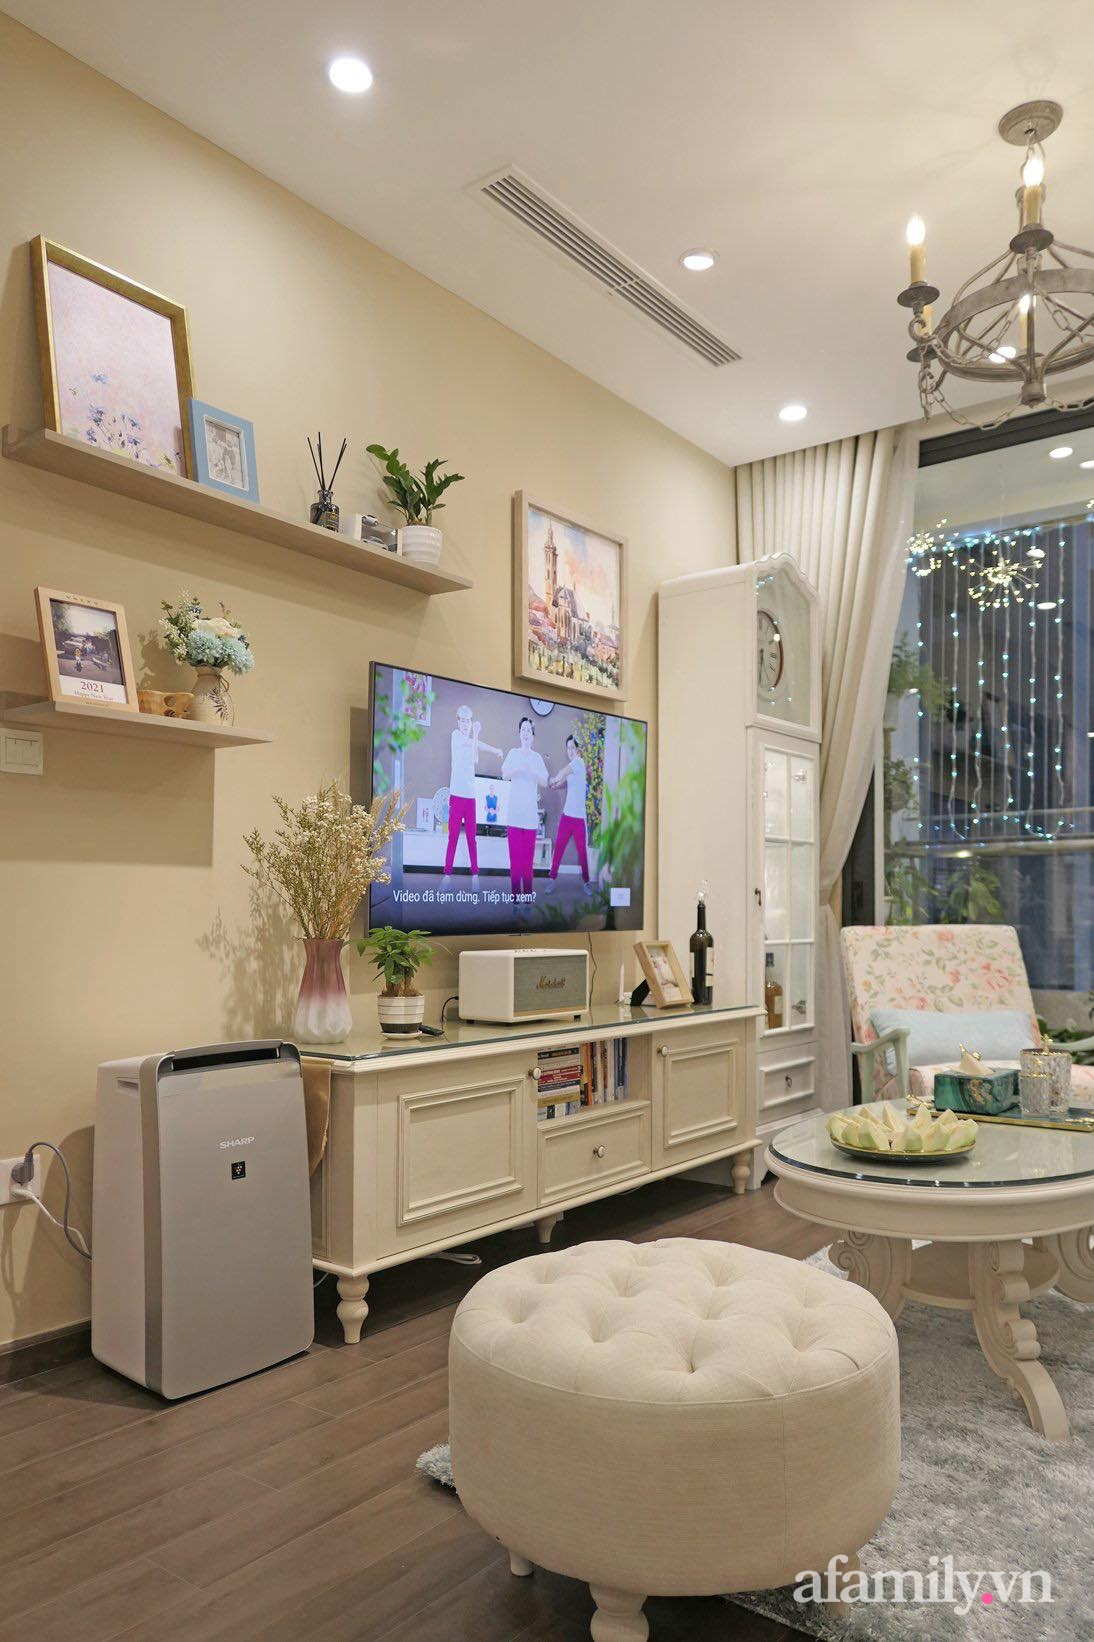 """Căn hộ siêu dễ thương decor theo phong cách Vintage được chủ nhà hoàn thiện """"vội"""" trong 10 ngày ở Hà Nội - Ảnh 9."""